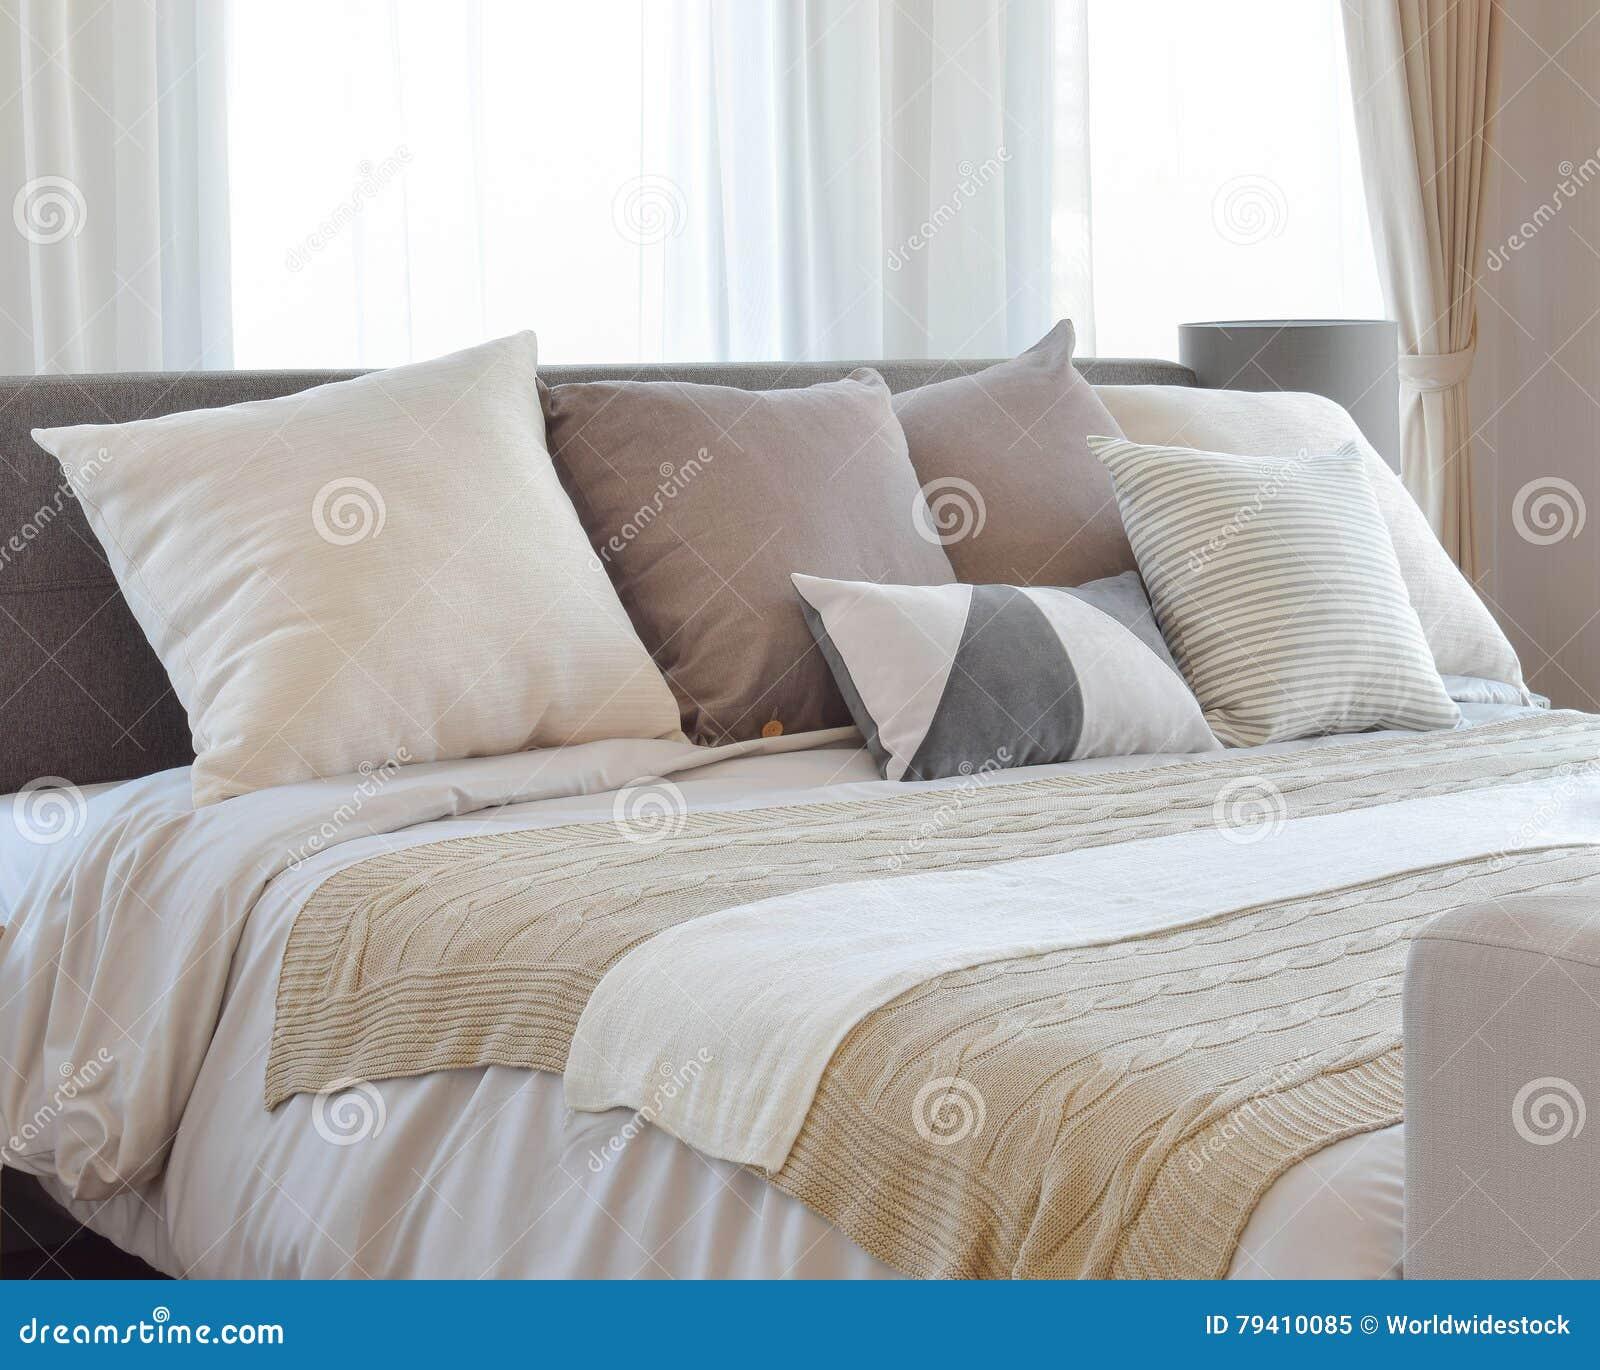 kissen frs bett beautiful frs u deko und dekoration mdchen bett kissen with bett dekorieren mit. Black Bedroom Furniture Sets. Home Design Ideas